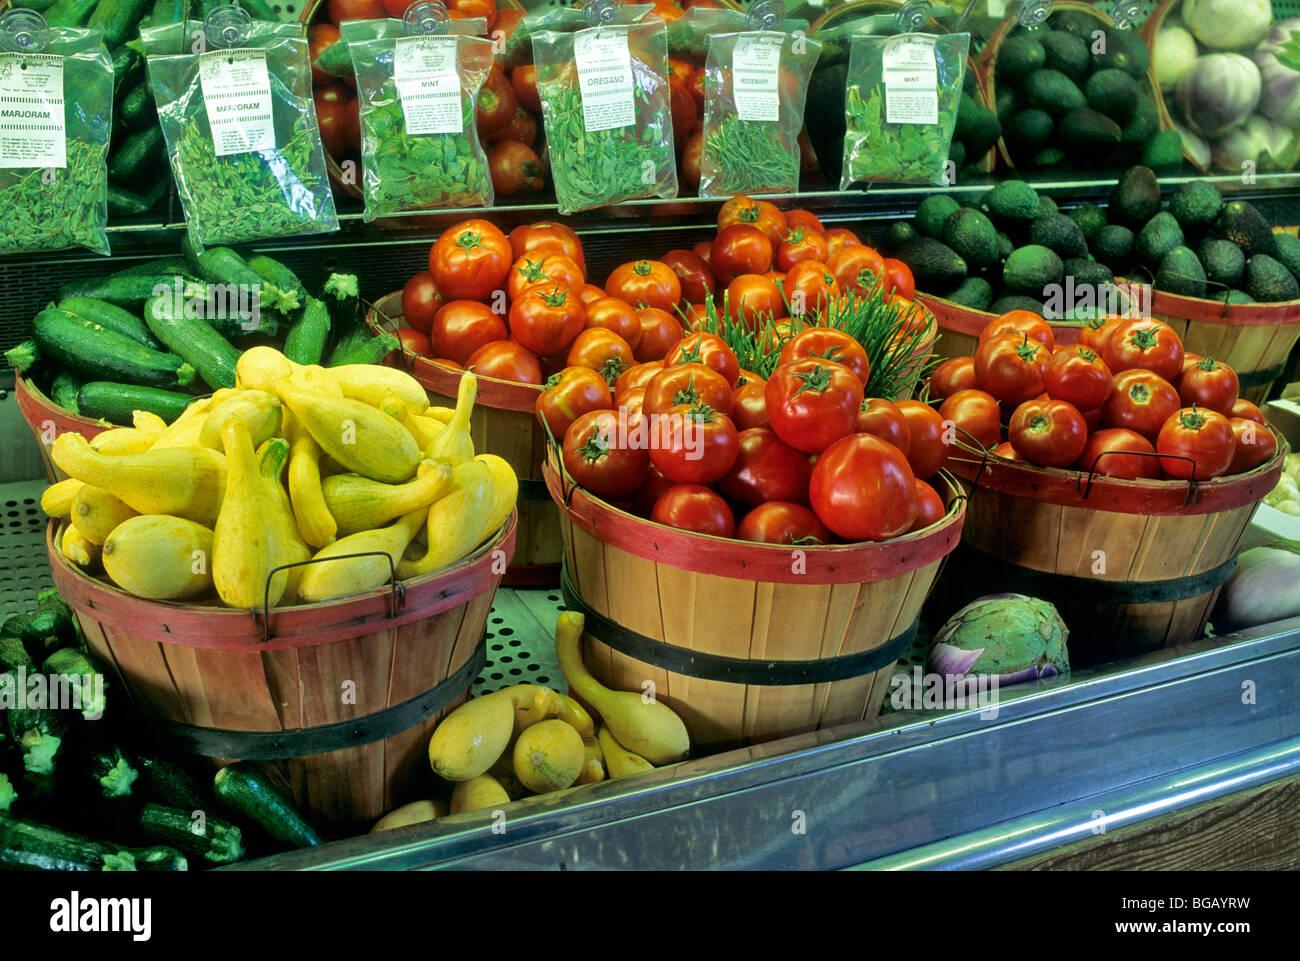 Frisches Gemüse an Produkten Stand, California Stockbild